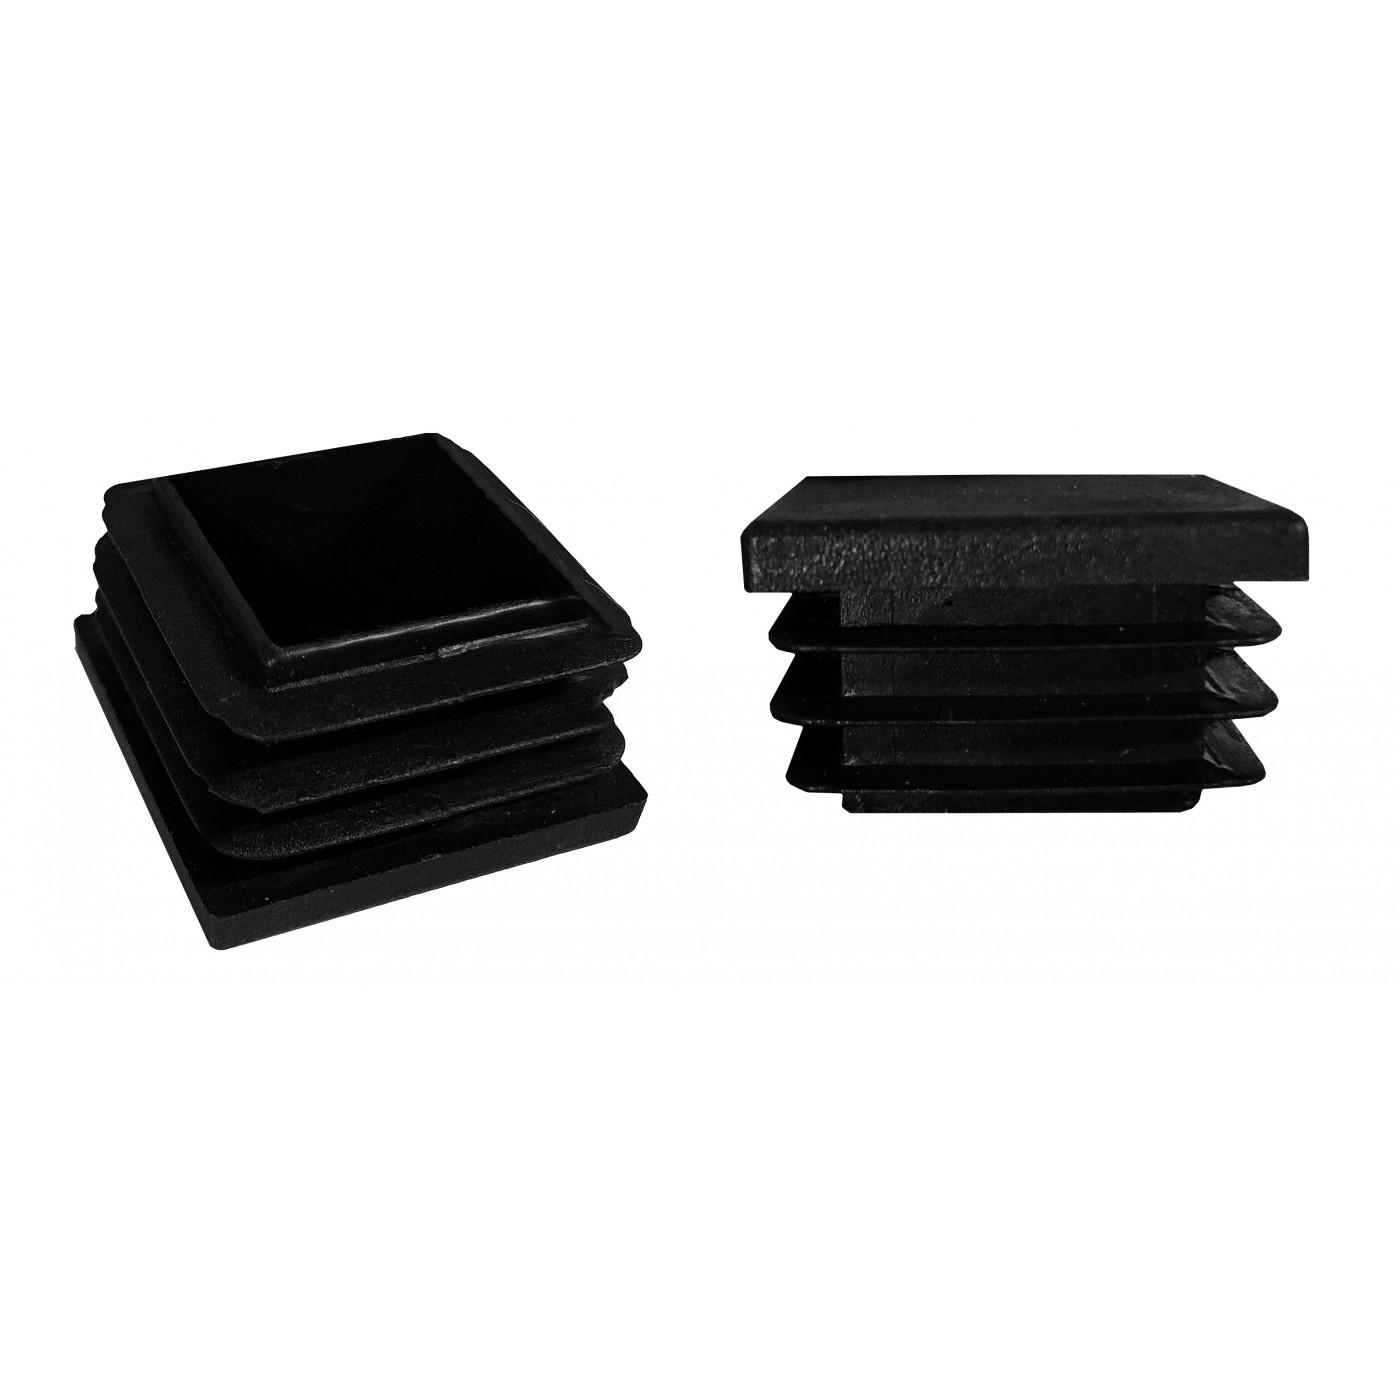 Conjunto de 48 gorros para patas de silla (F20/E24/D25, negro)  - 1